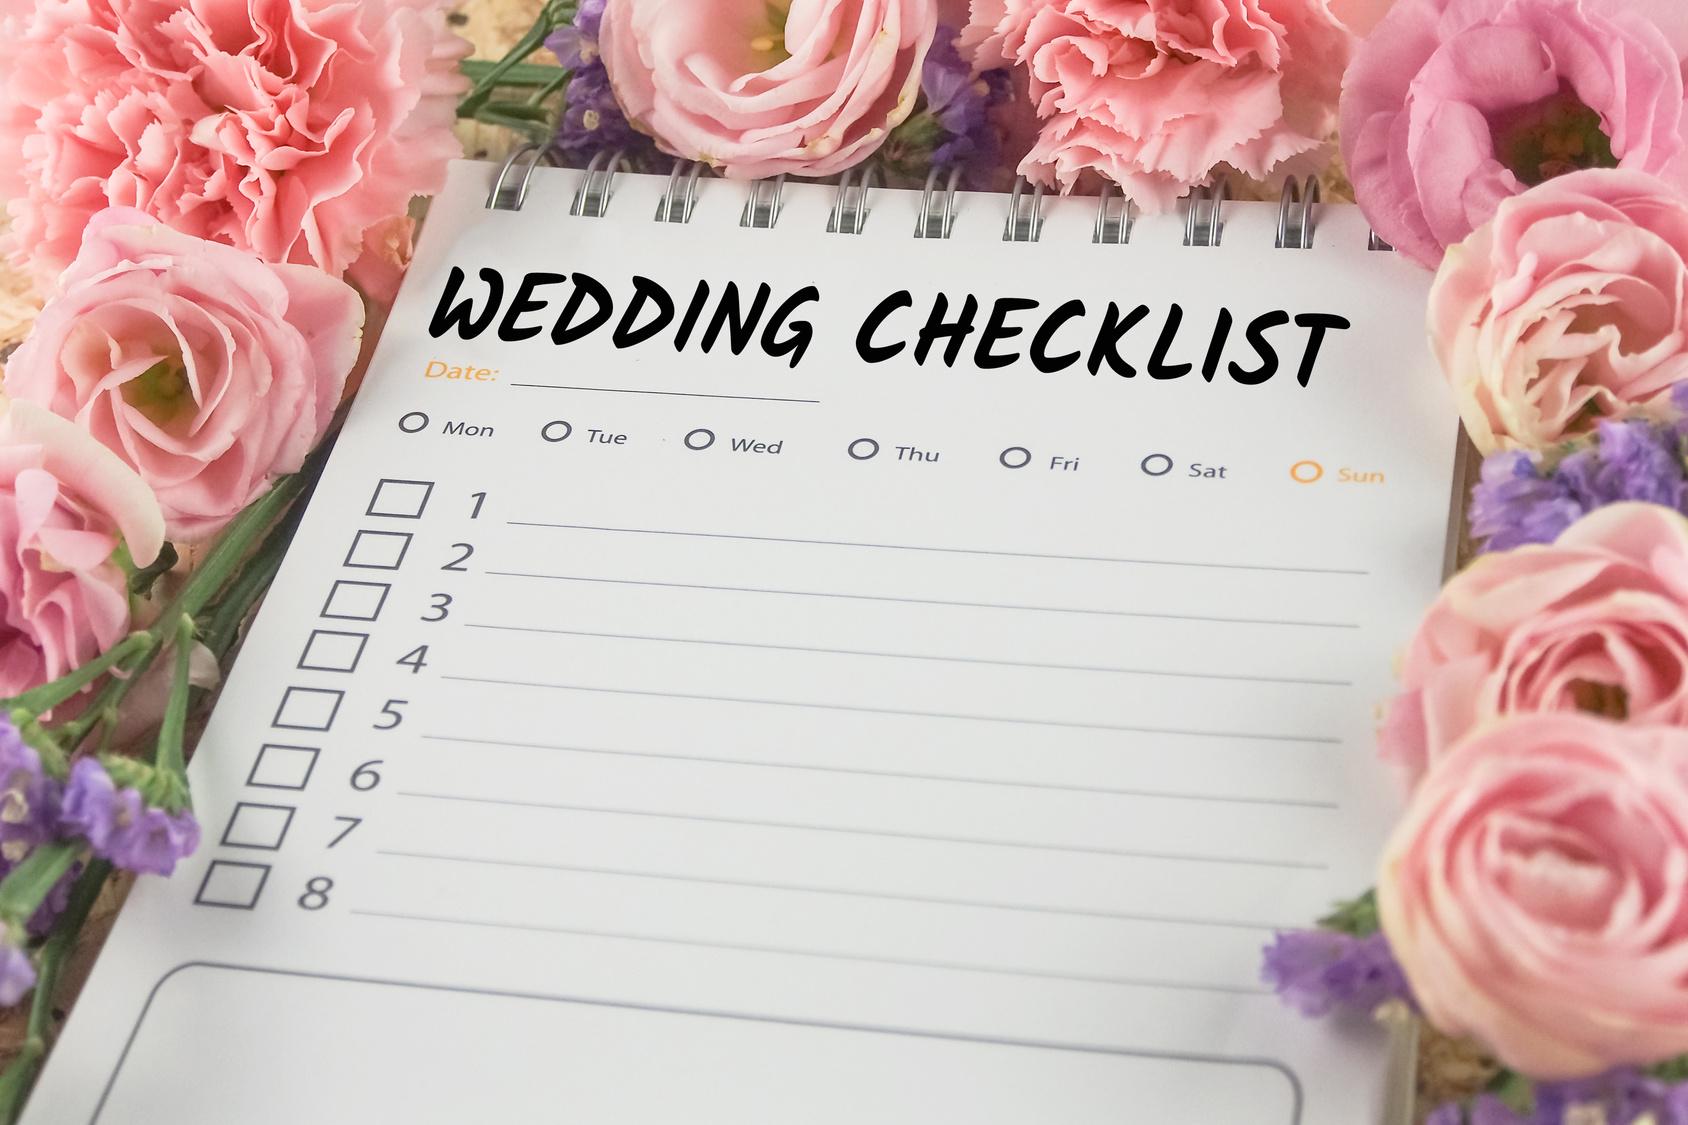 Nach der Hochzeit  To-do Liste für die Zeit nach der Hochzeit